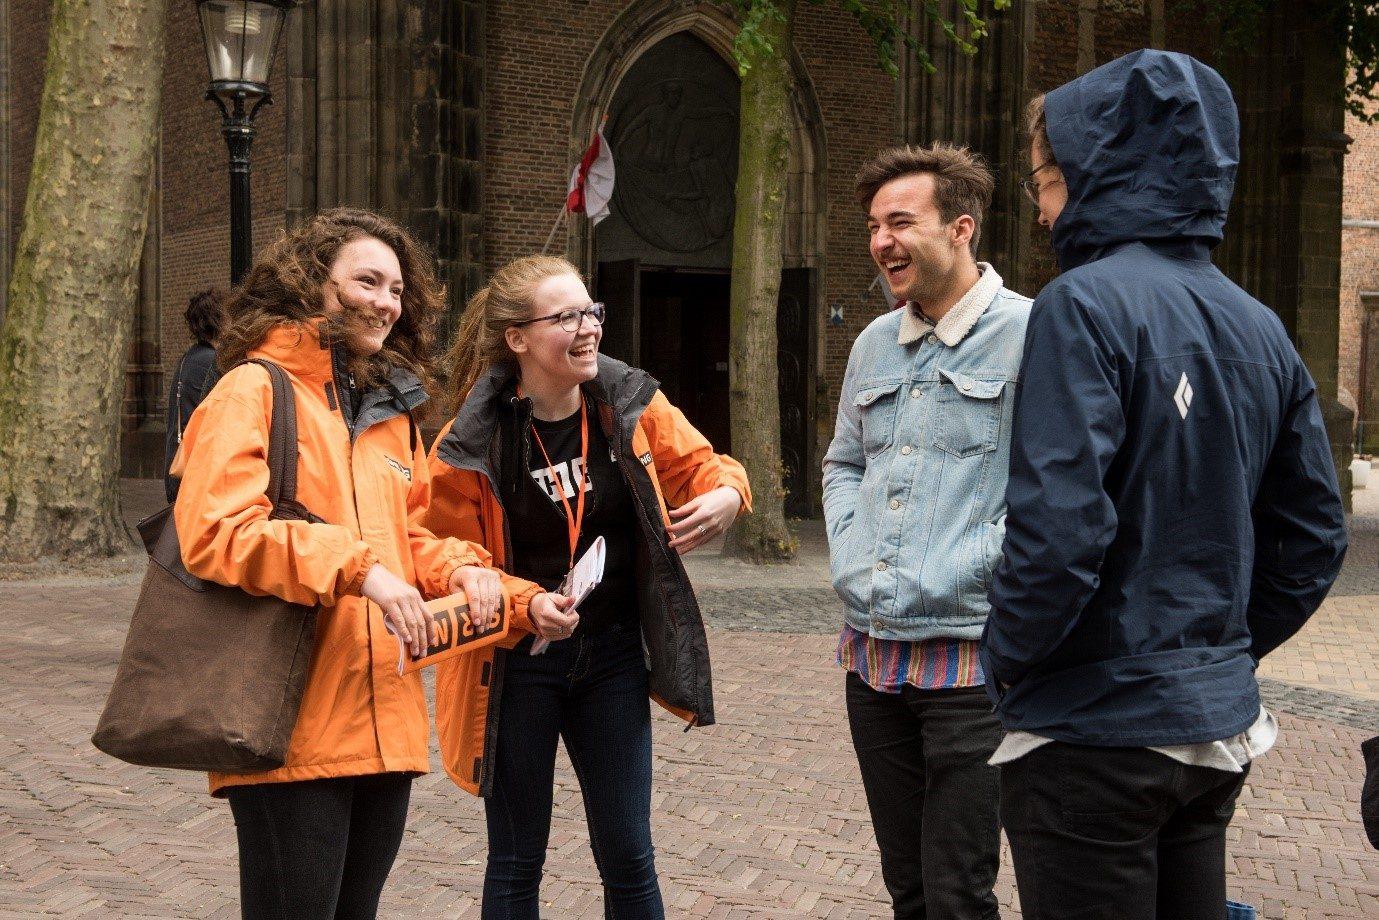 SPRING Performing Arts Festival vrijwilligers zijn in gesprek met twee bezoekers